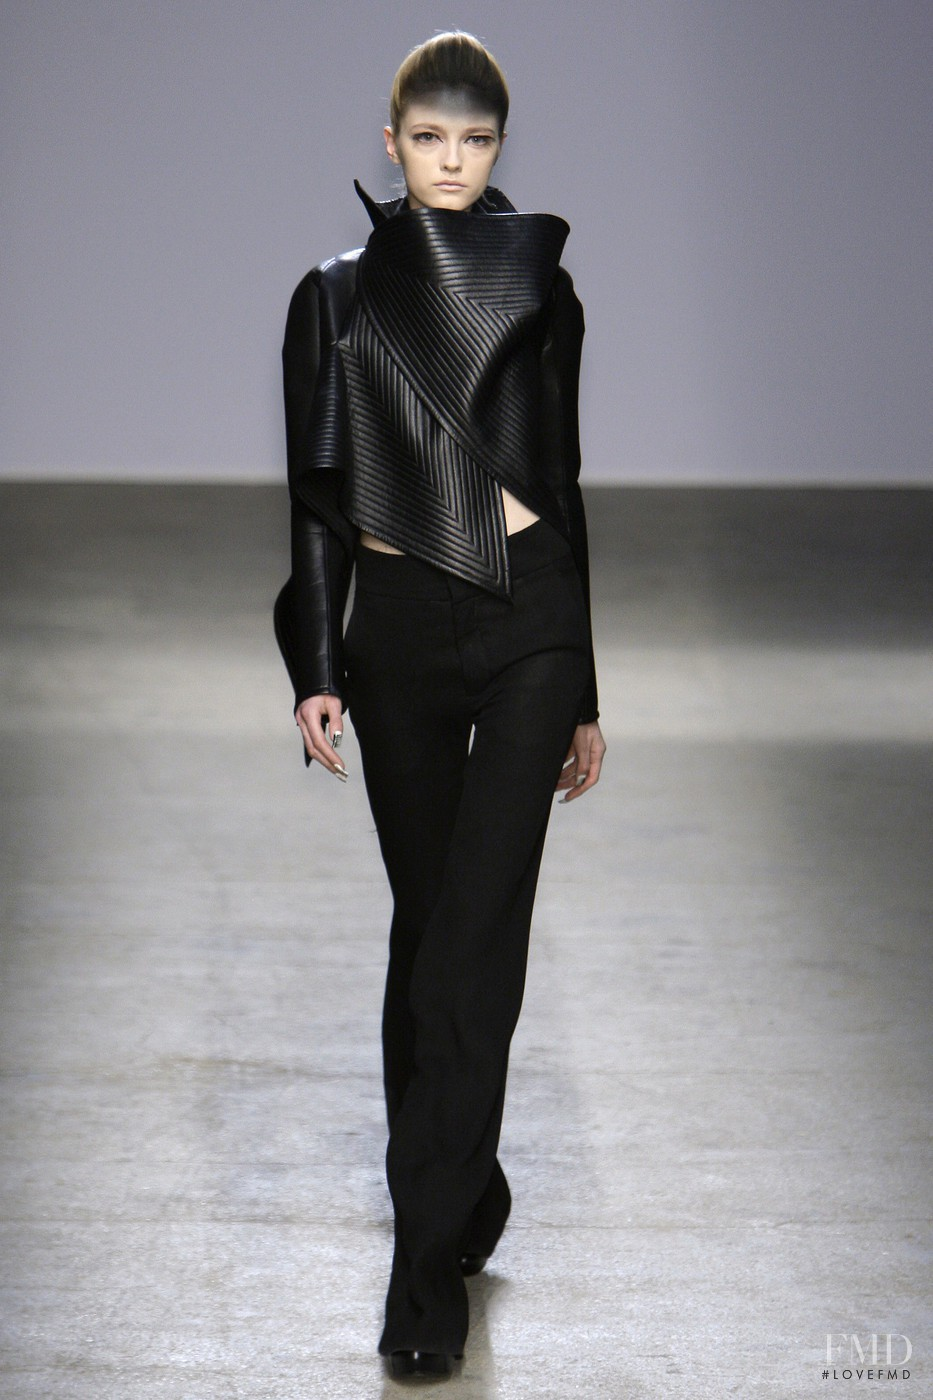 Gareth pugh architectural fashion 10